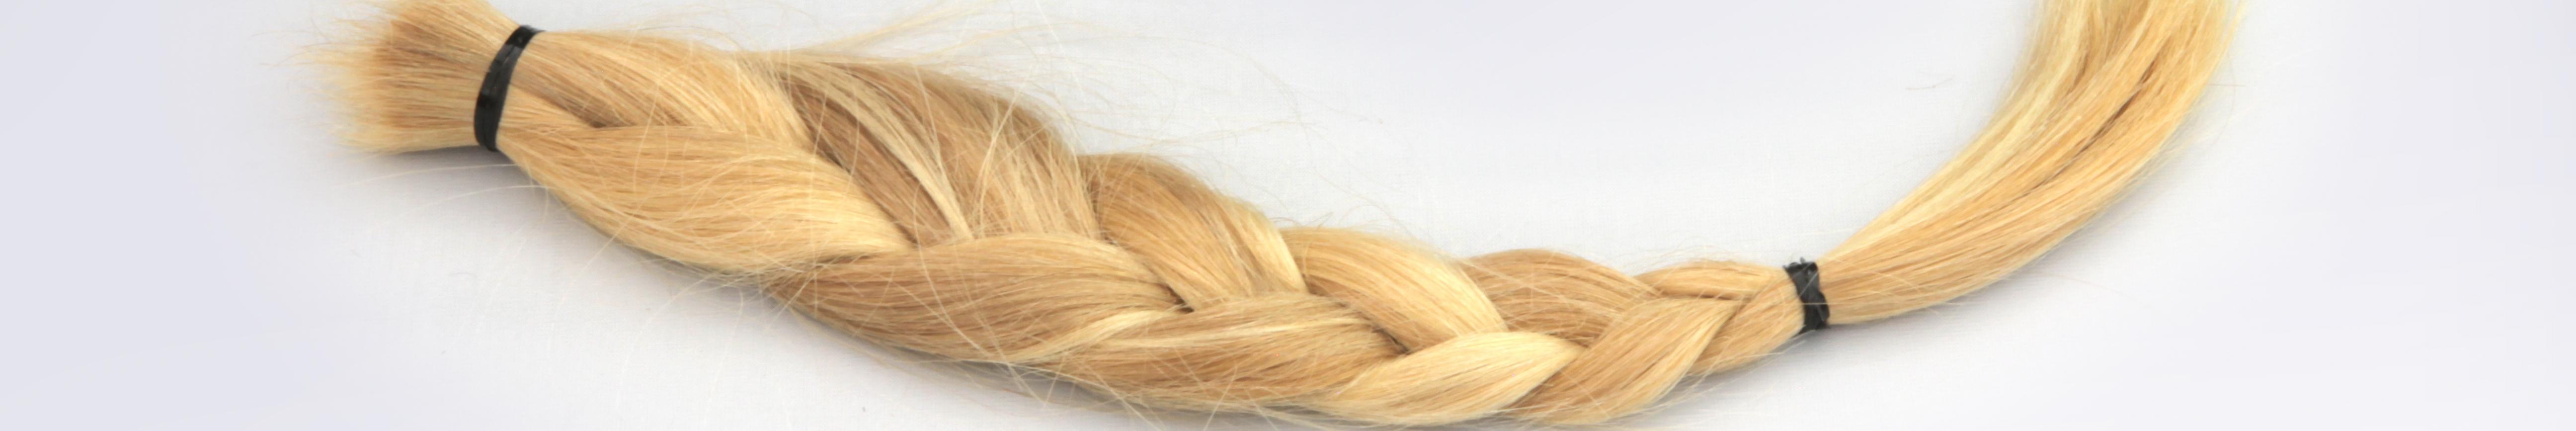 Haare Spenden Haarespenden